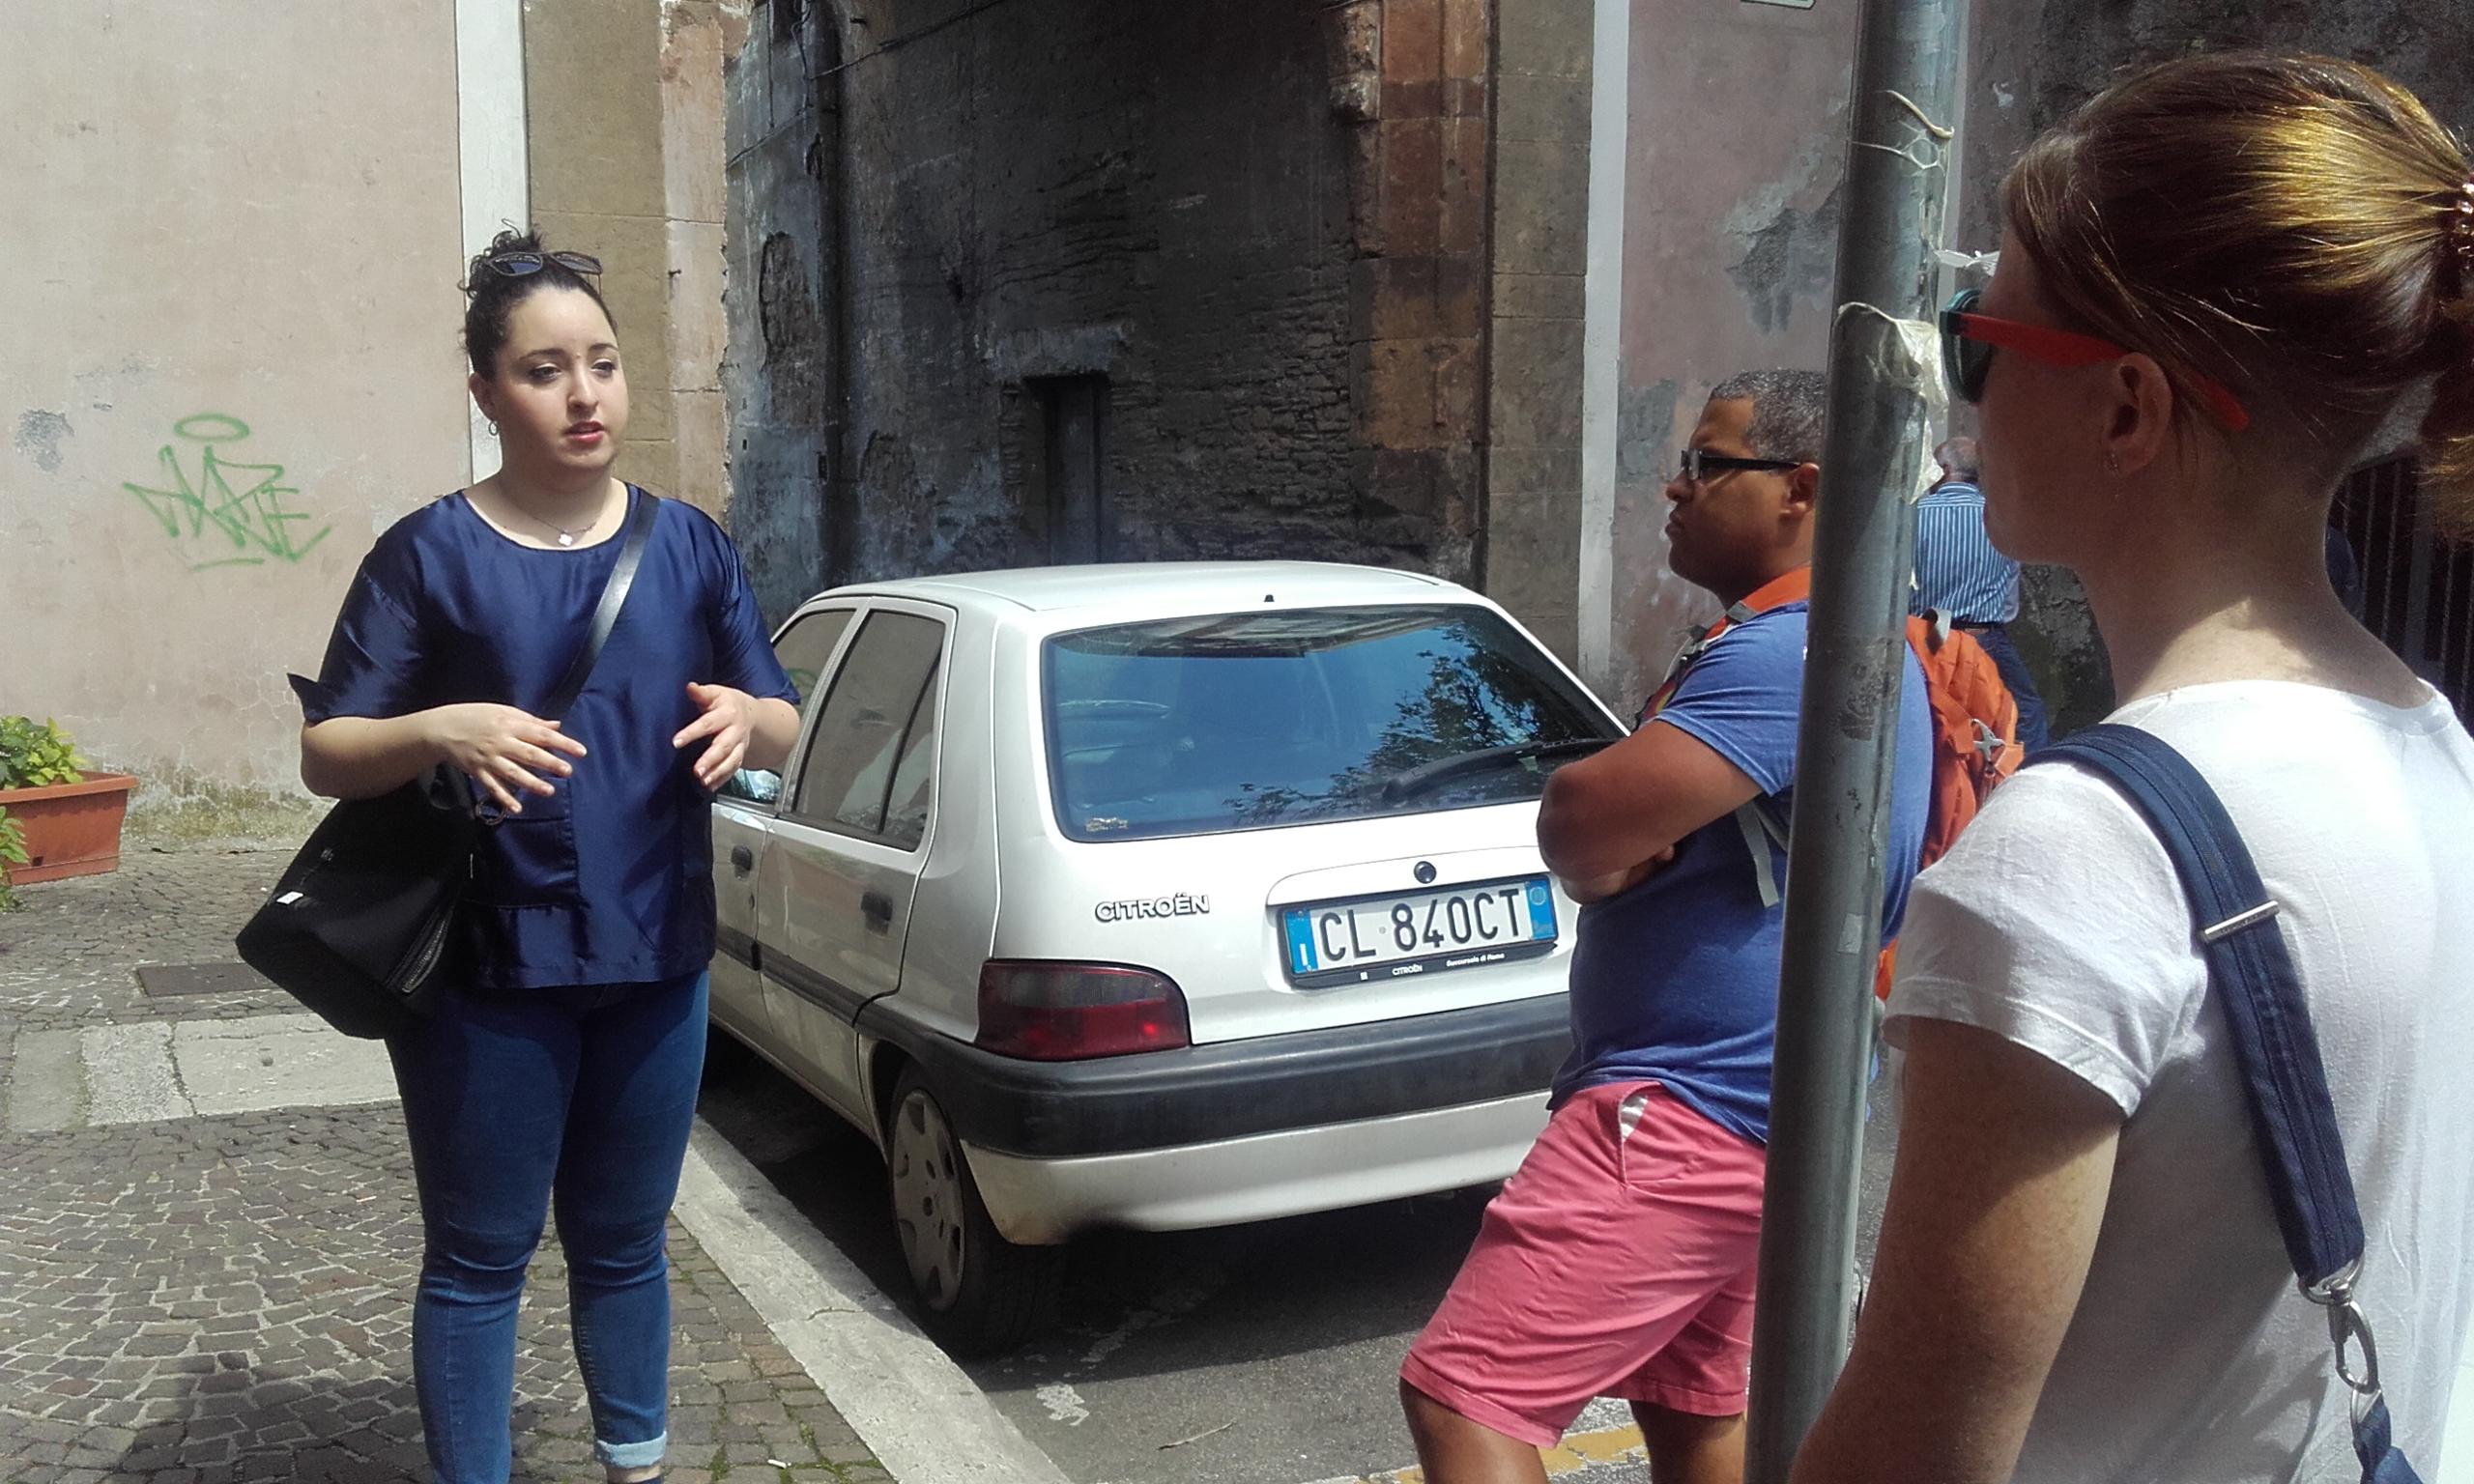 Nuestra guía, Bianca, compartiendo curiosidades de Zagarolo con nosotros